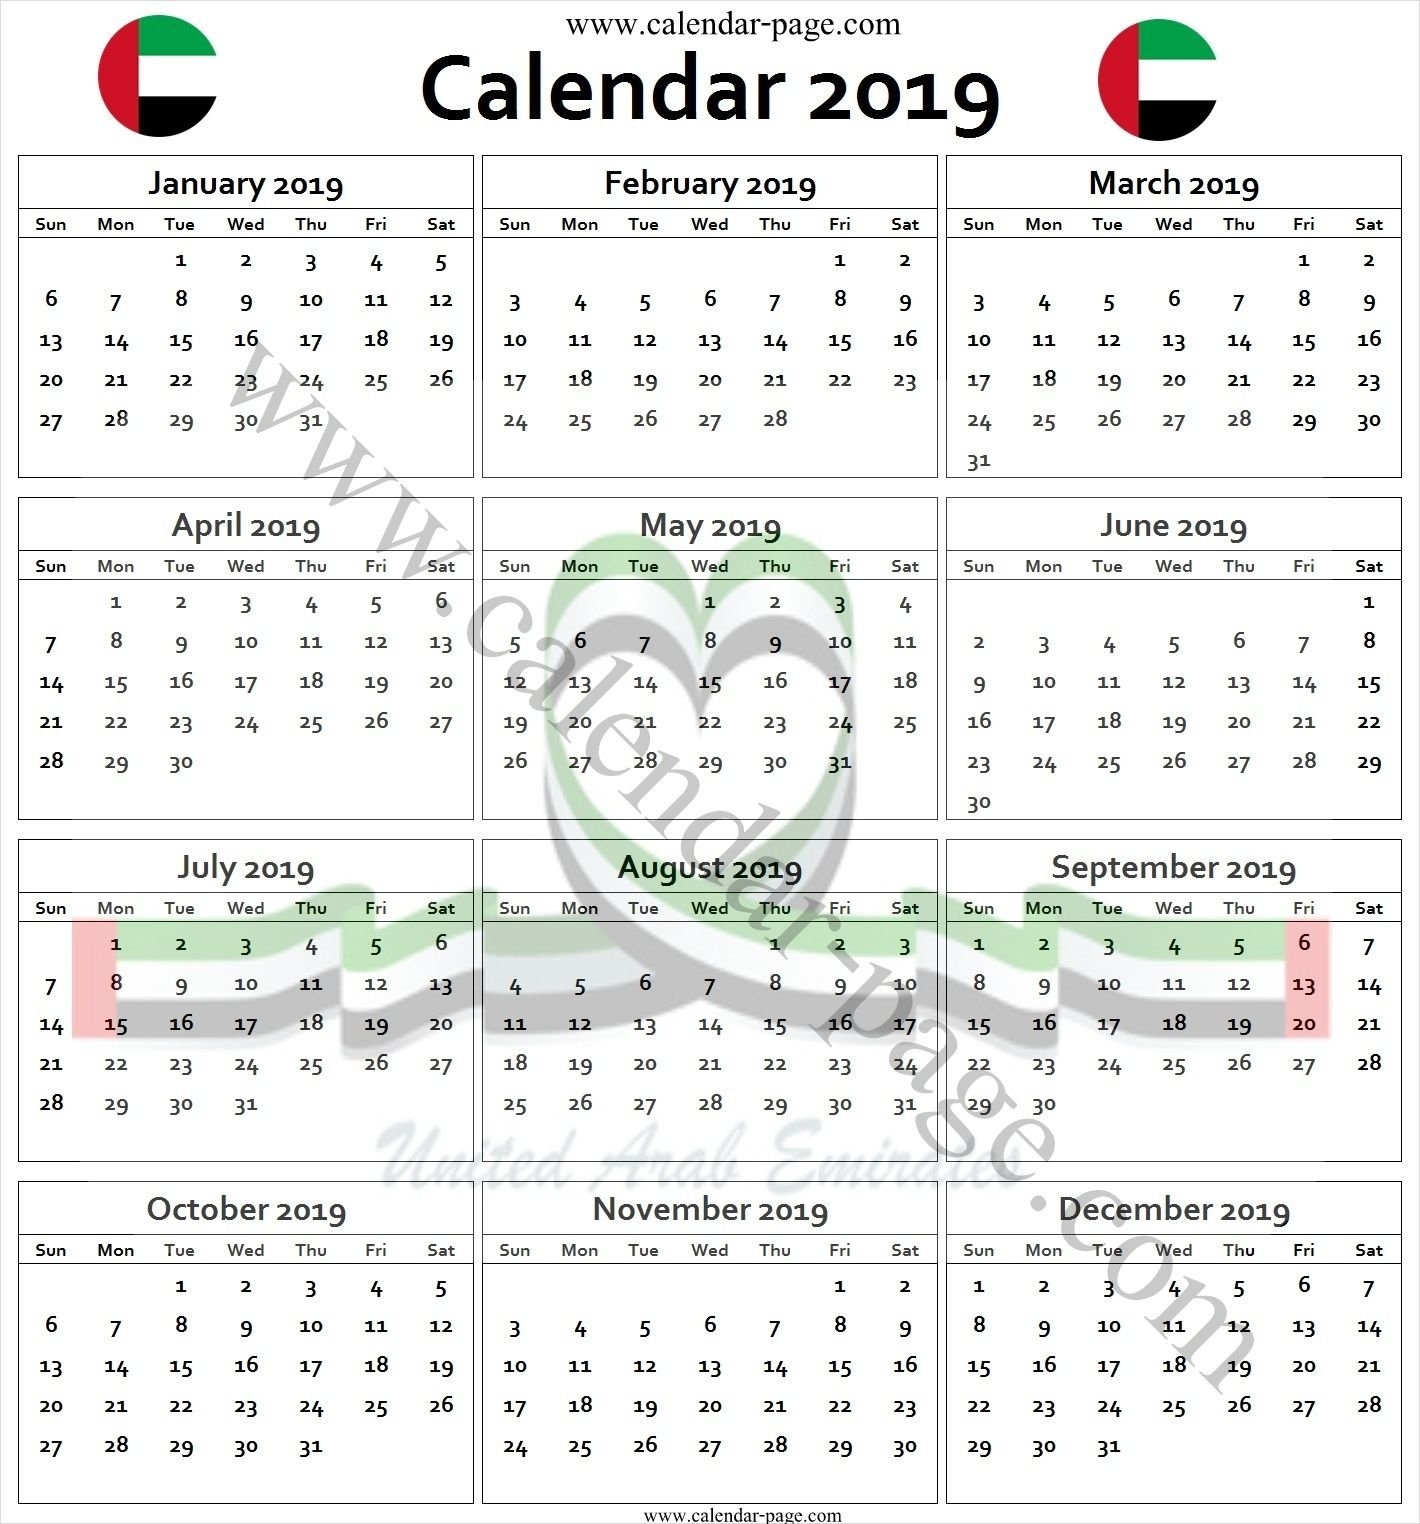 Calendar 2019 Uae Pdf | 2019 Calendar Template | Pinterest U A E Calendar 2019